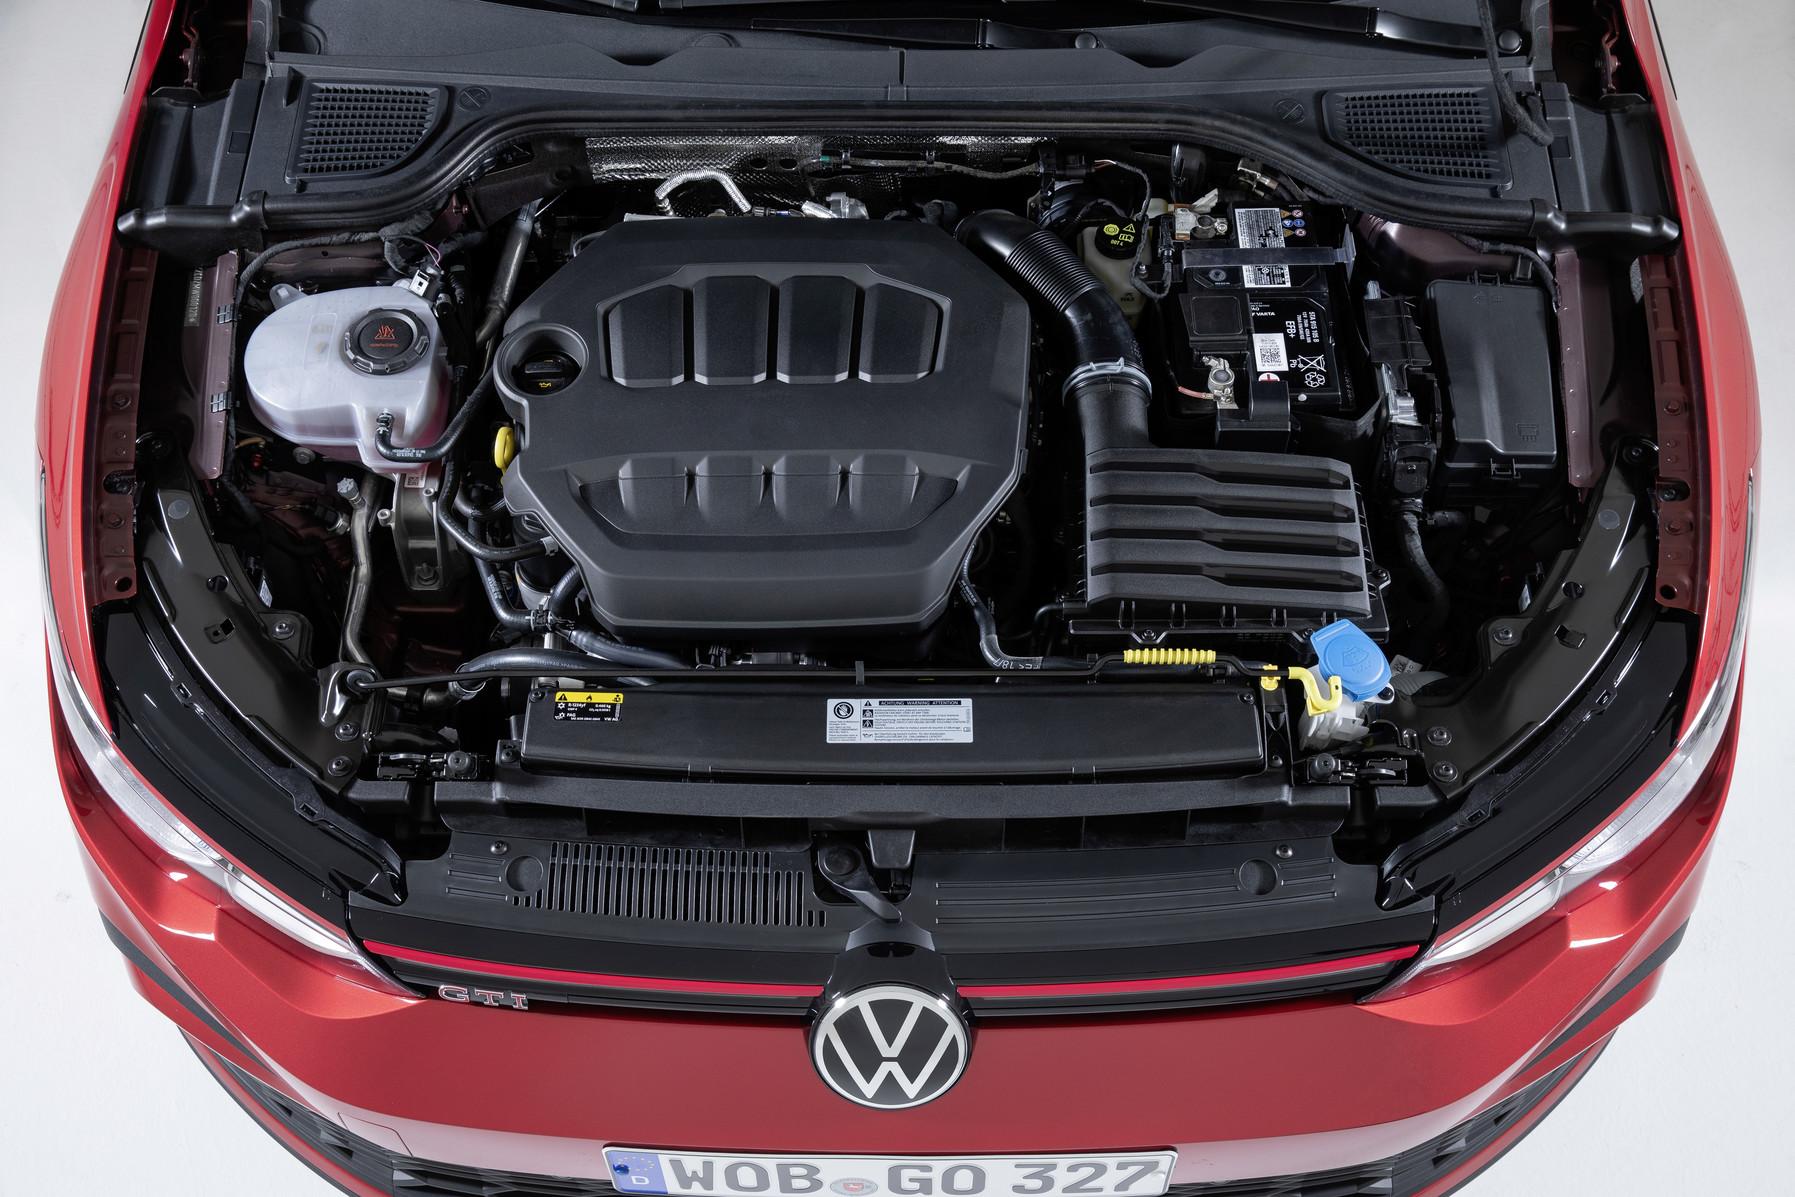 Mk8 Volkswagen Golf GTI Engine